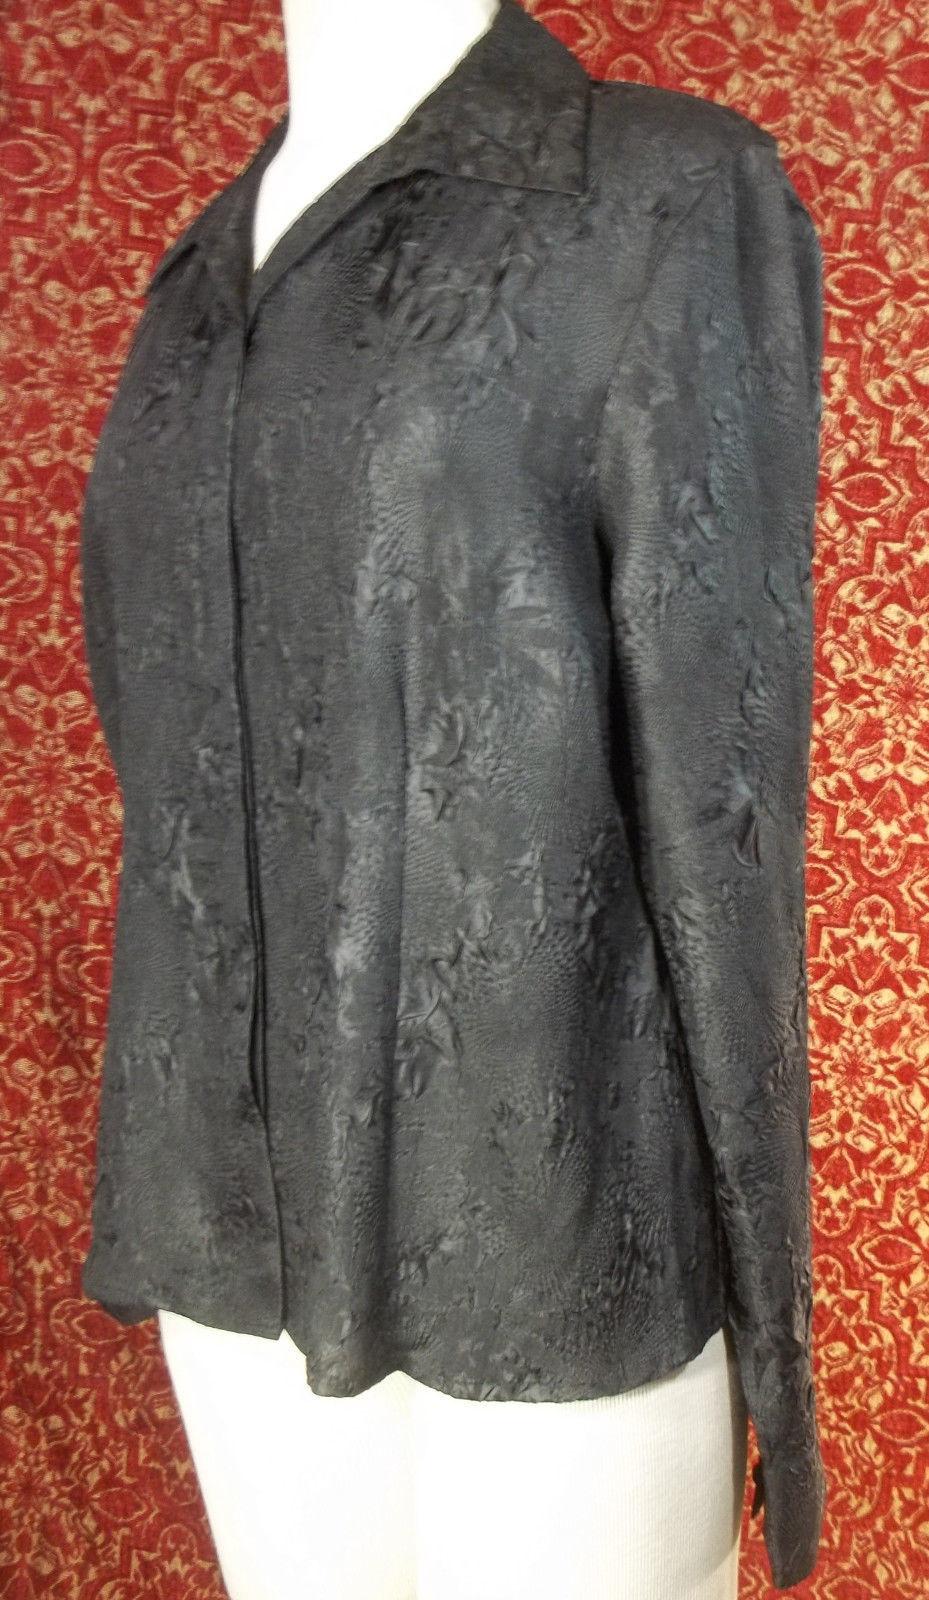 KORET black wrinkle polyester long sleeve blouse 16 (T45-03G8G) image 3